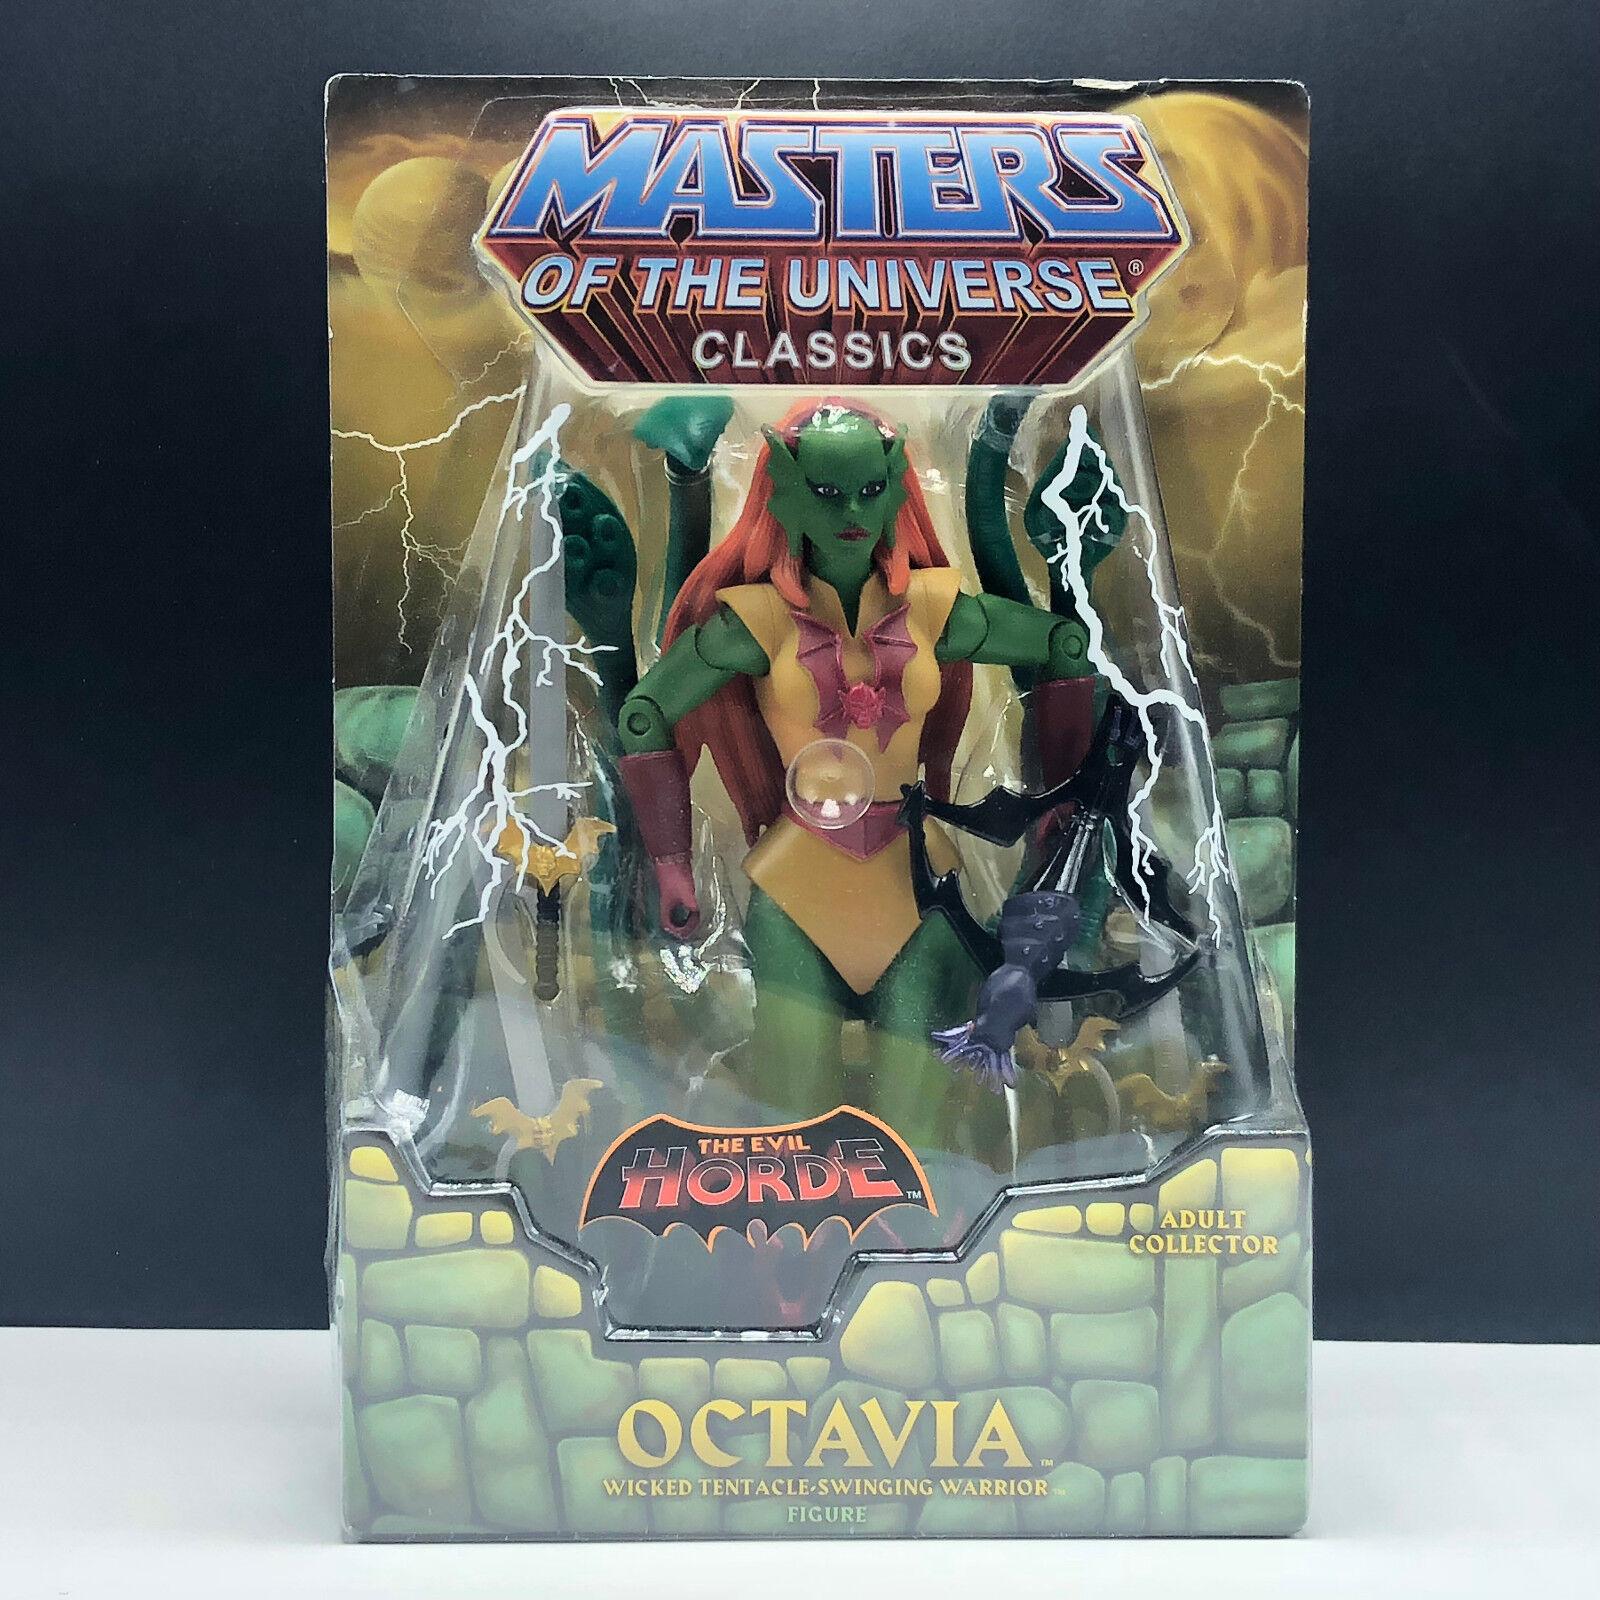 Meister des universums mann klassiker - actionfigur mattel moc octavia horde